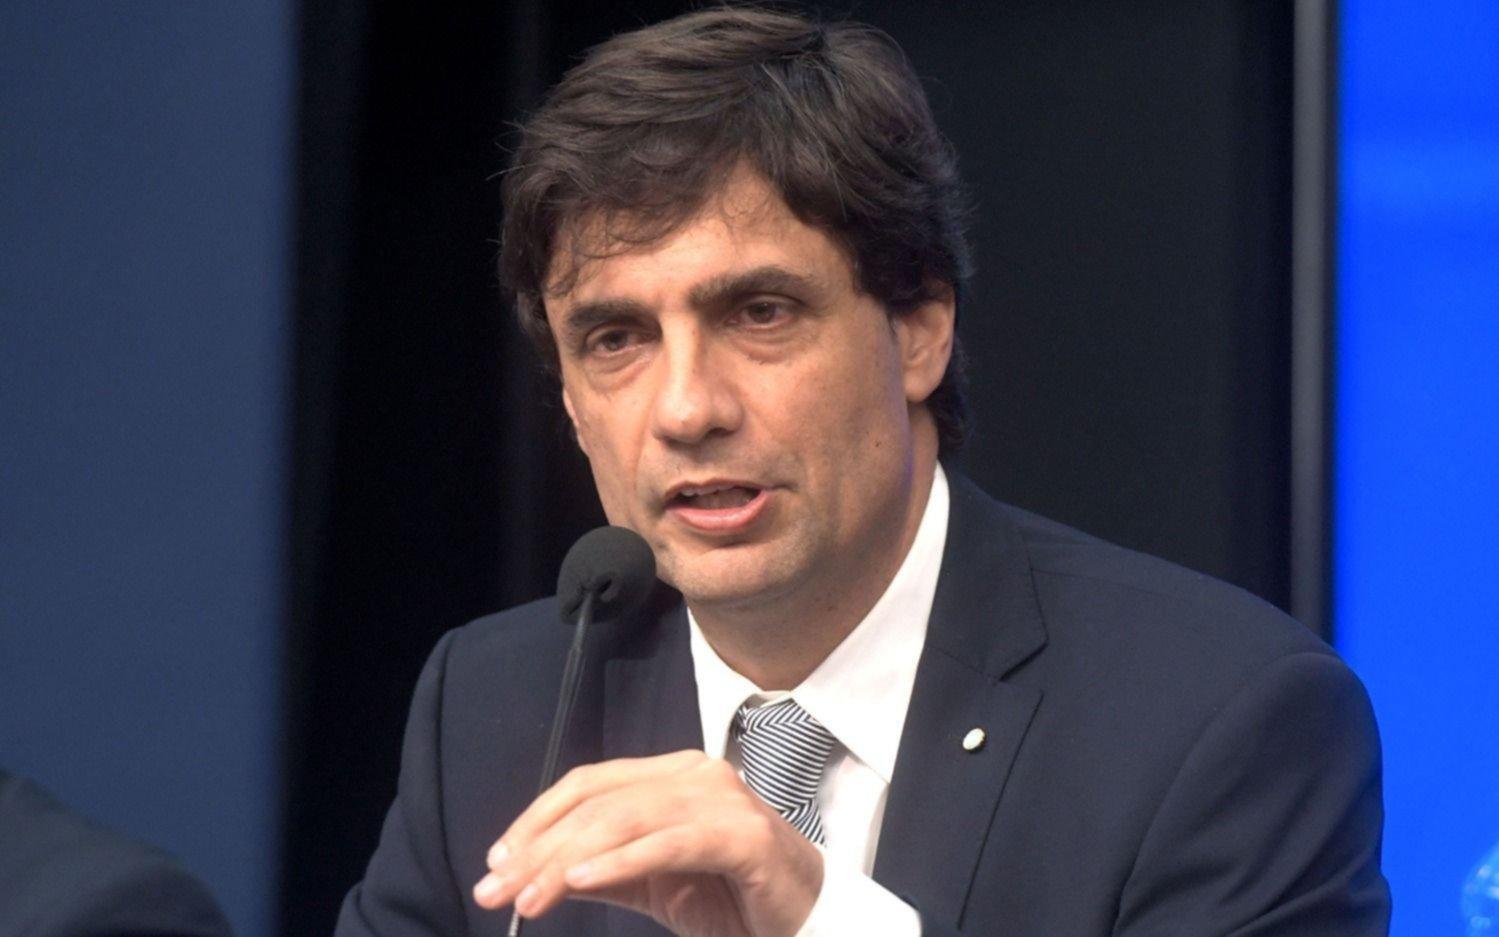 El Gobierno le pidió al FMI reperfilar los vencimientos de la deuda